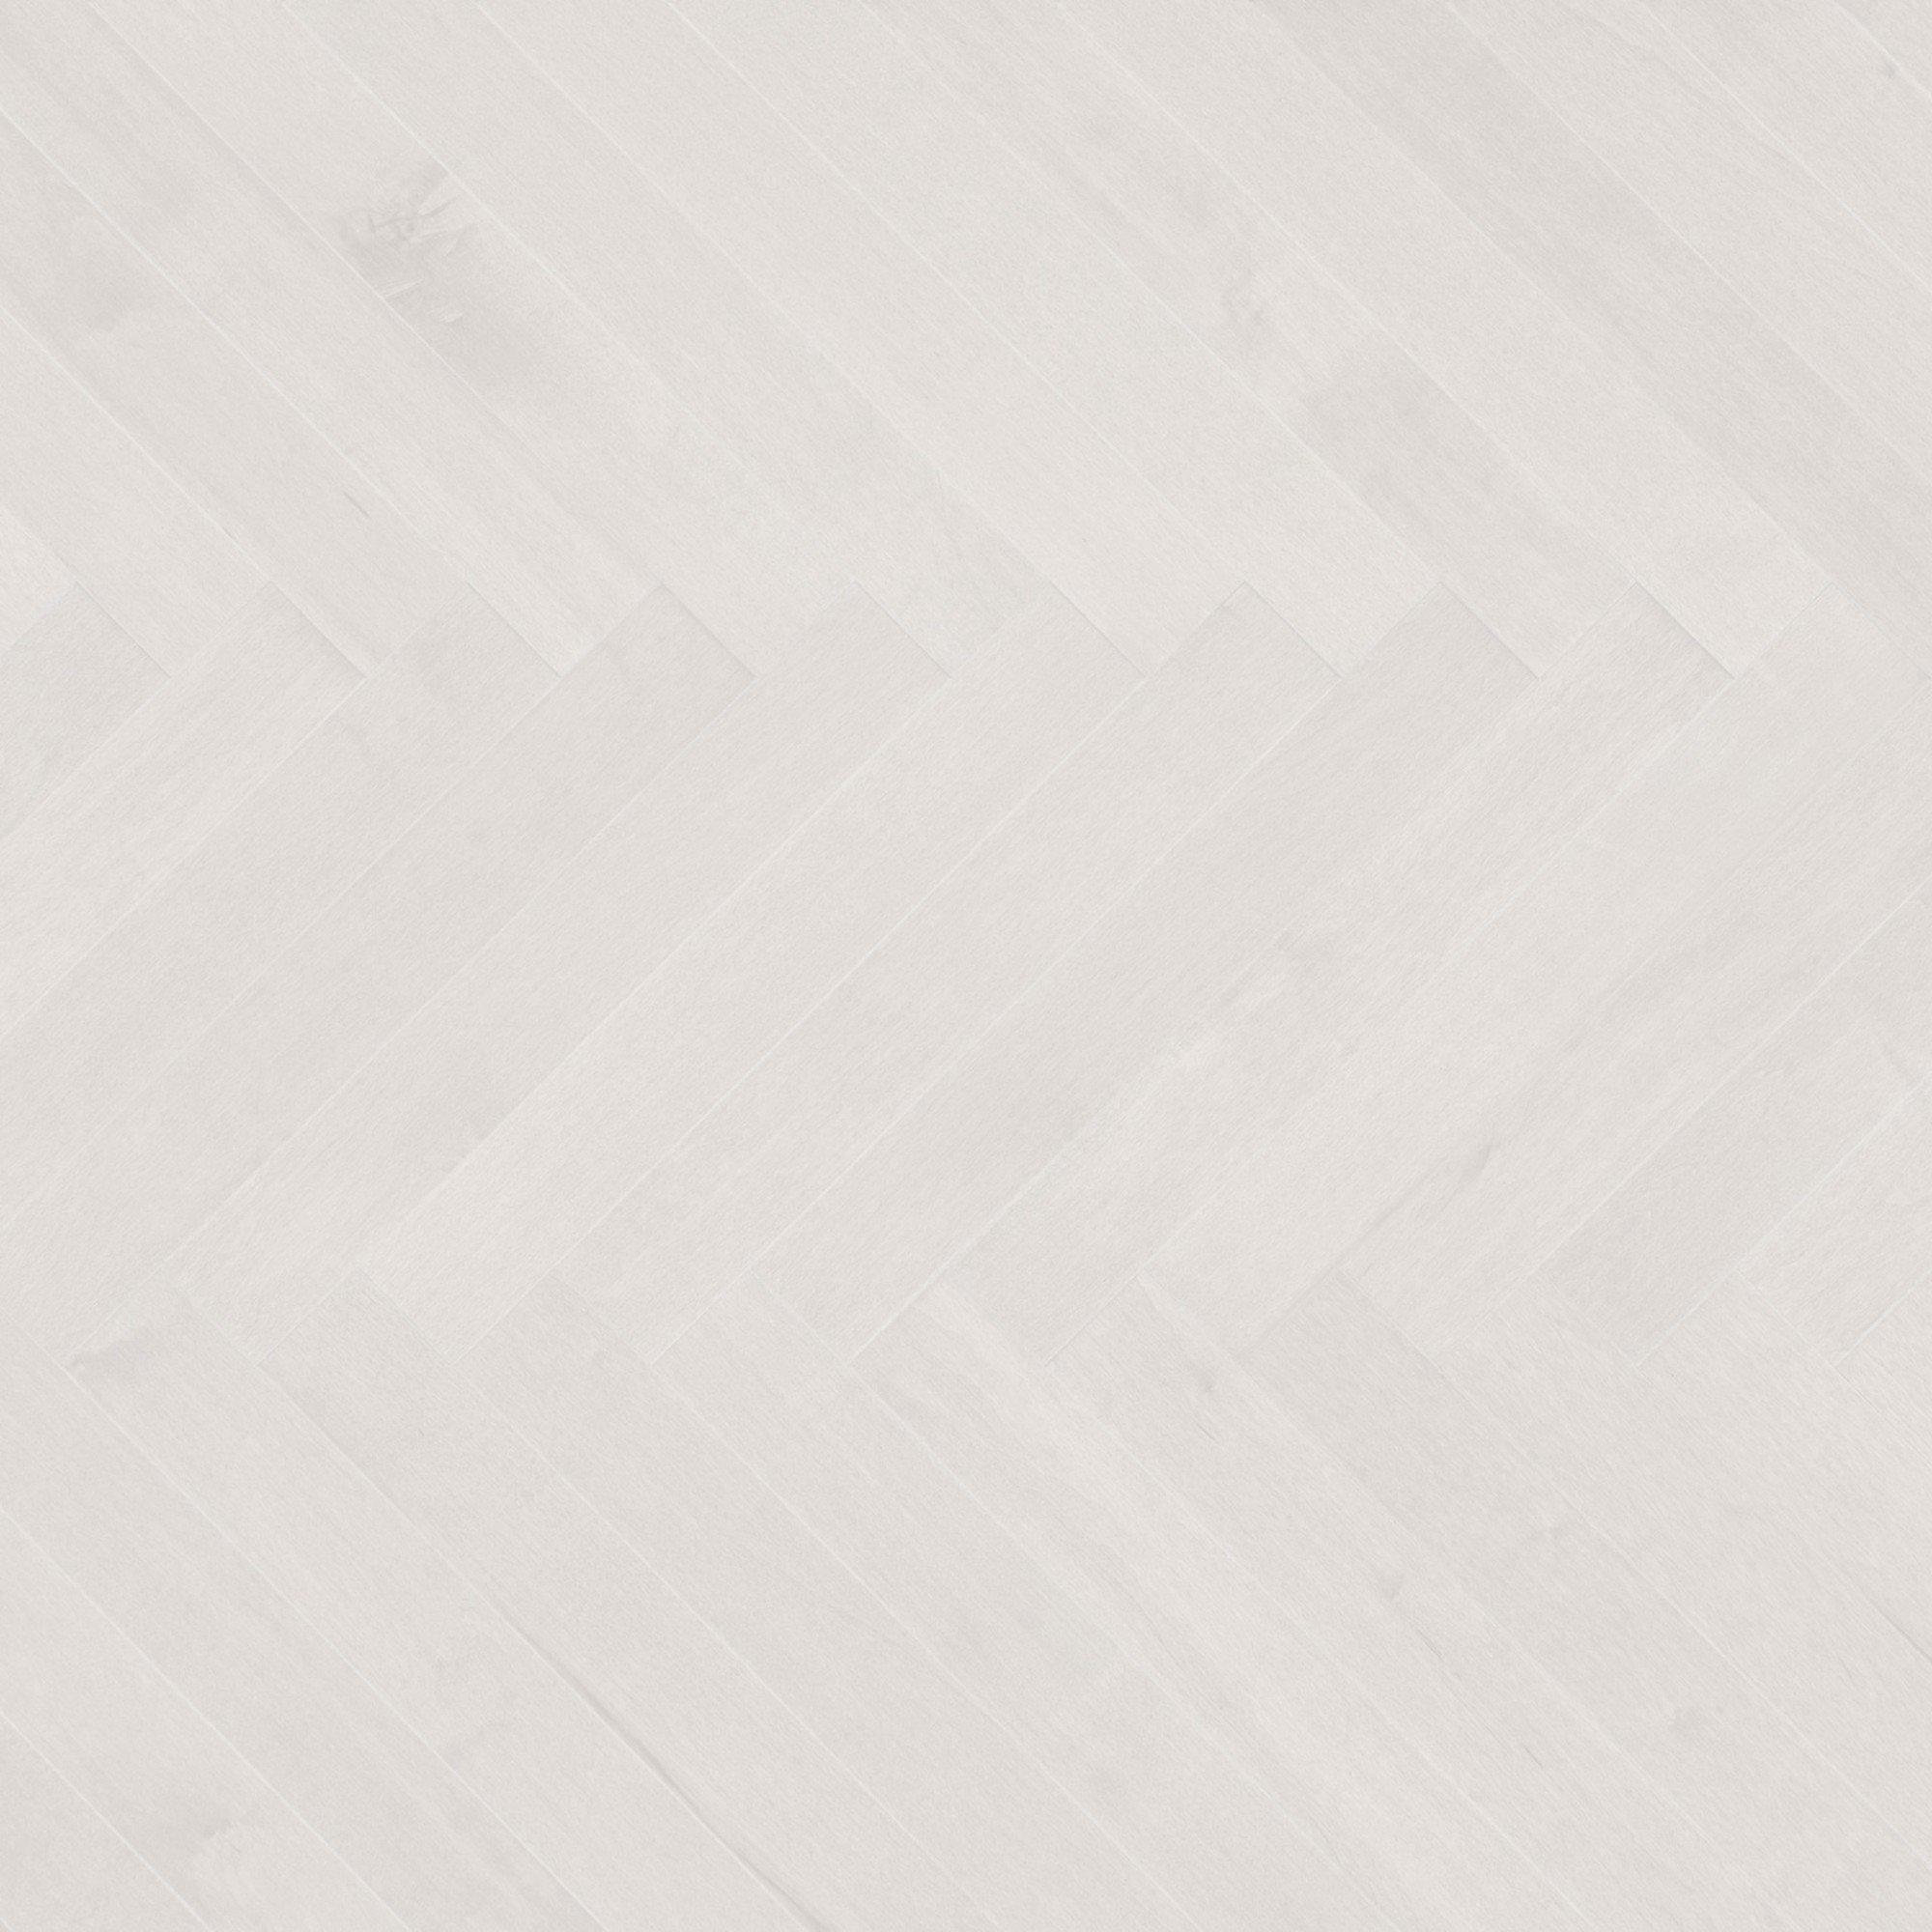 Érable Nordic Exclusive Lisse - Image plancher